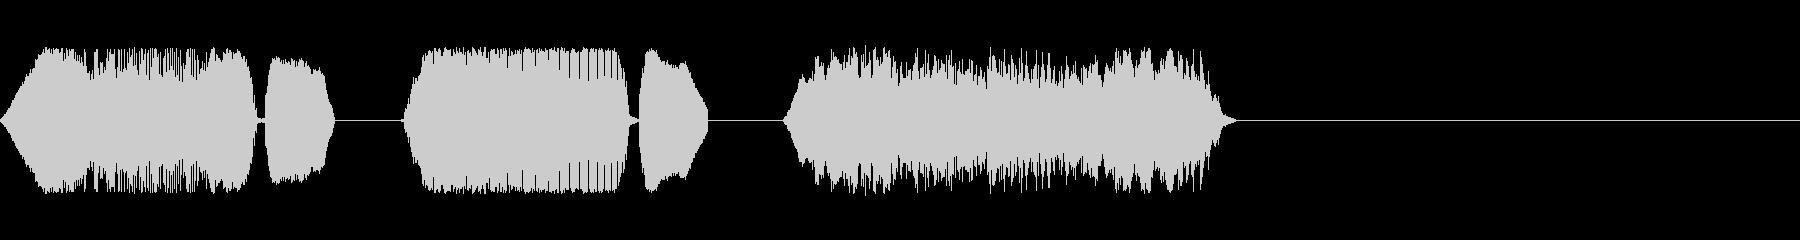 赤ちゃんの泣き声の未再生の波形